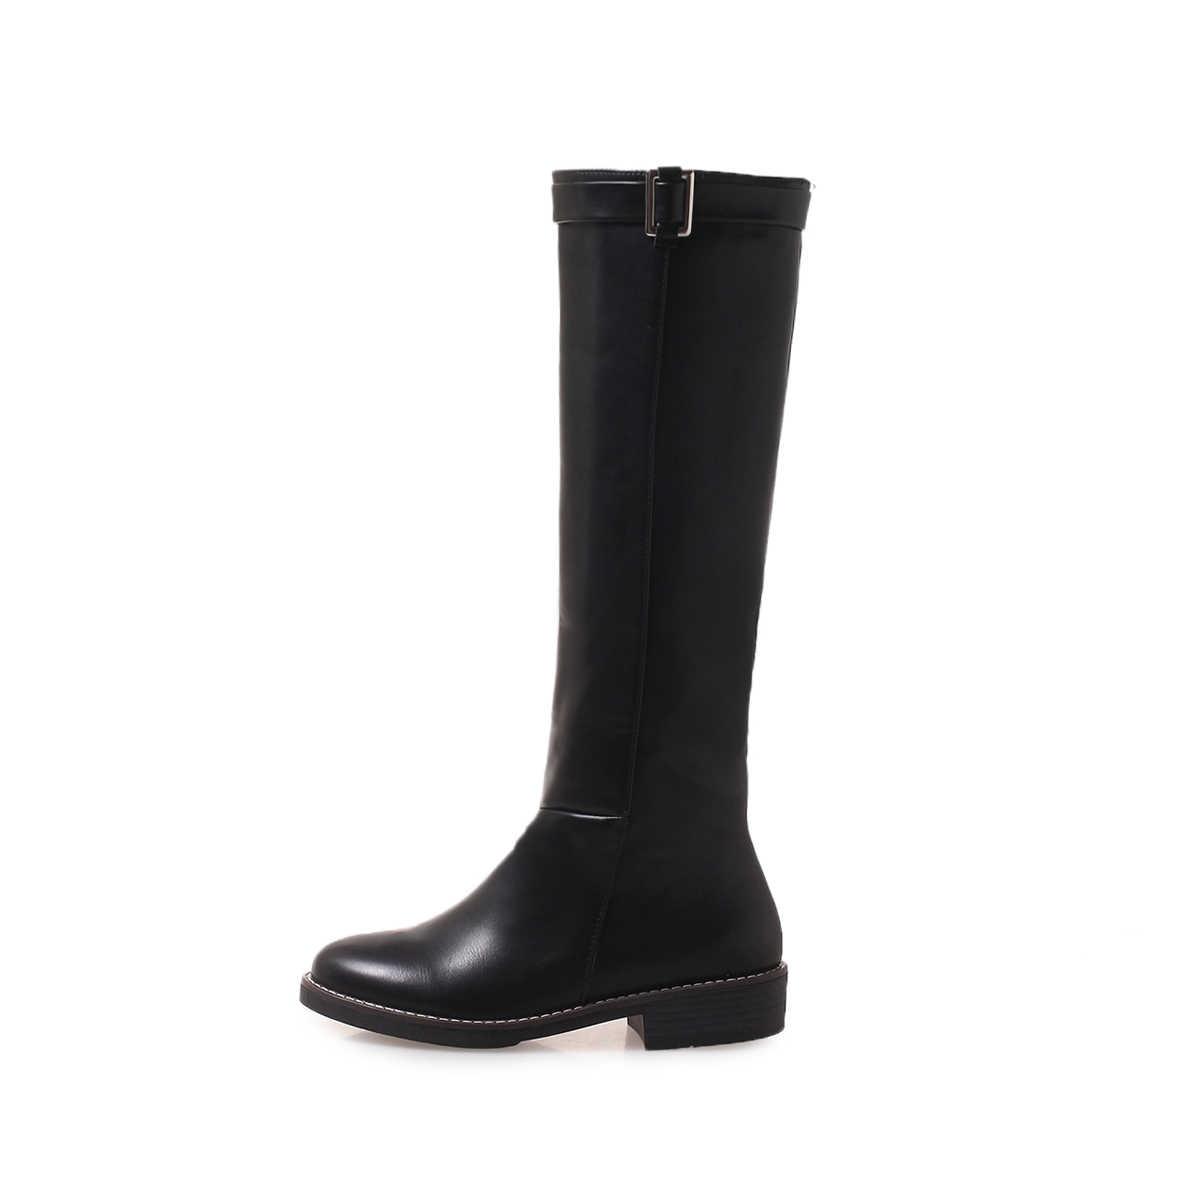 แบนเข่ารองเท้าบูทสูง Pu หนังส้นรองเท้า Slip On ฤดูใบไม้ร่วงฤดูหนาวแฟชั่นรองเท้ารองเท้าผู้หญิง plus ขนาด 43 2018